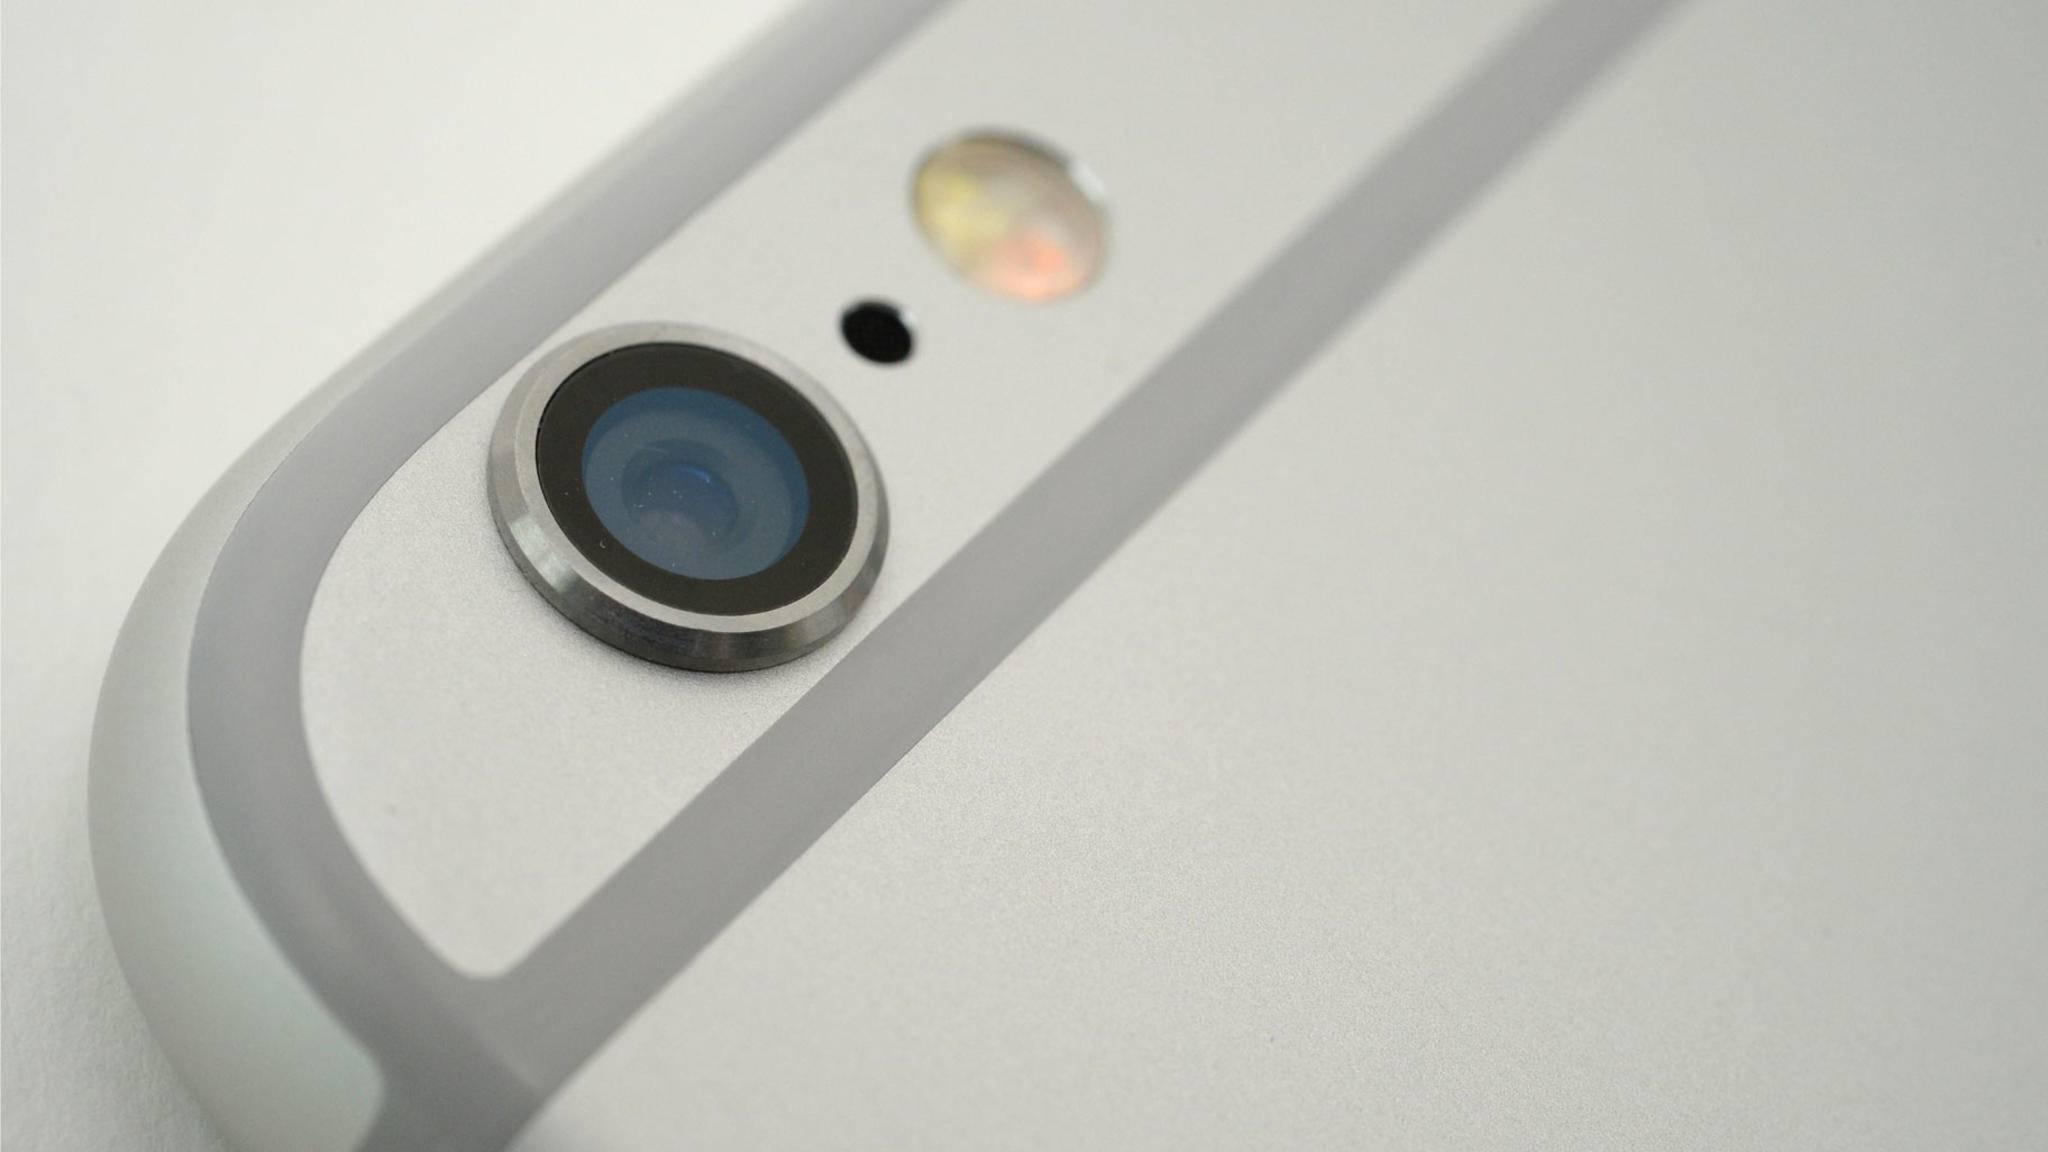 Das winzige Loch neben der iPhone-Kamera erfüllt einen ganz bestimmten Zweck.